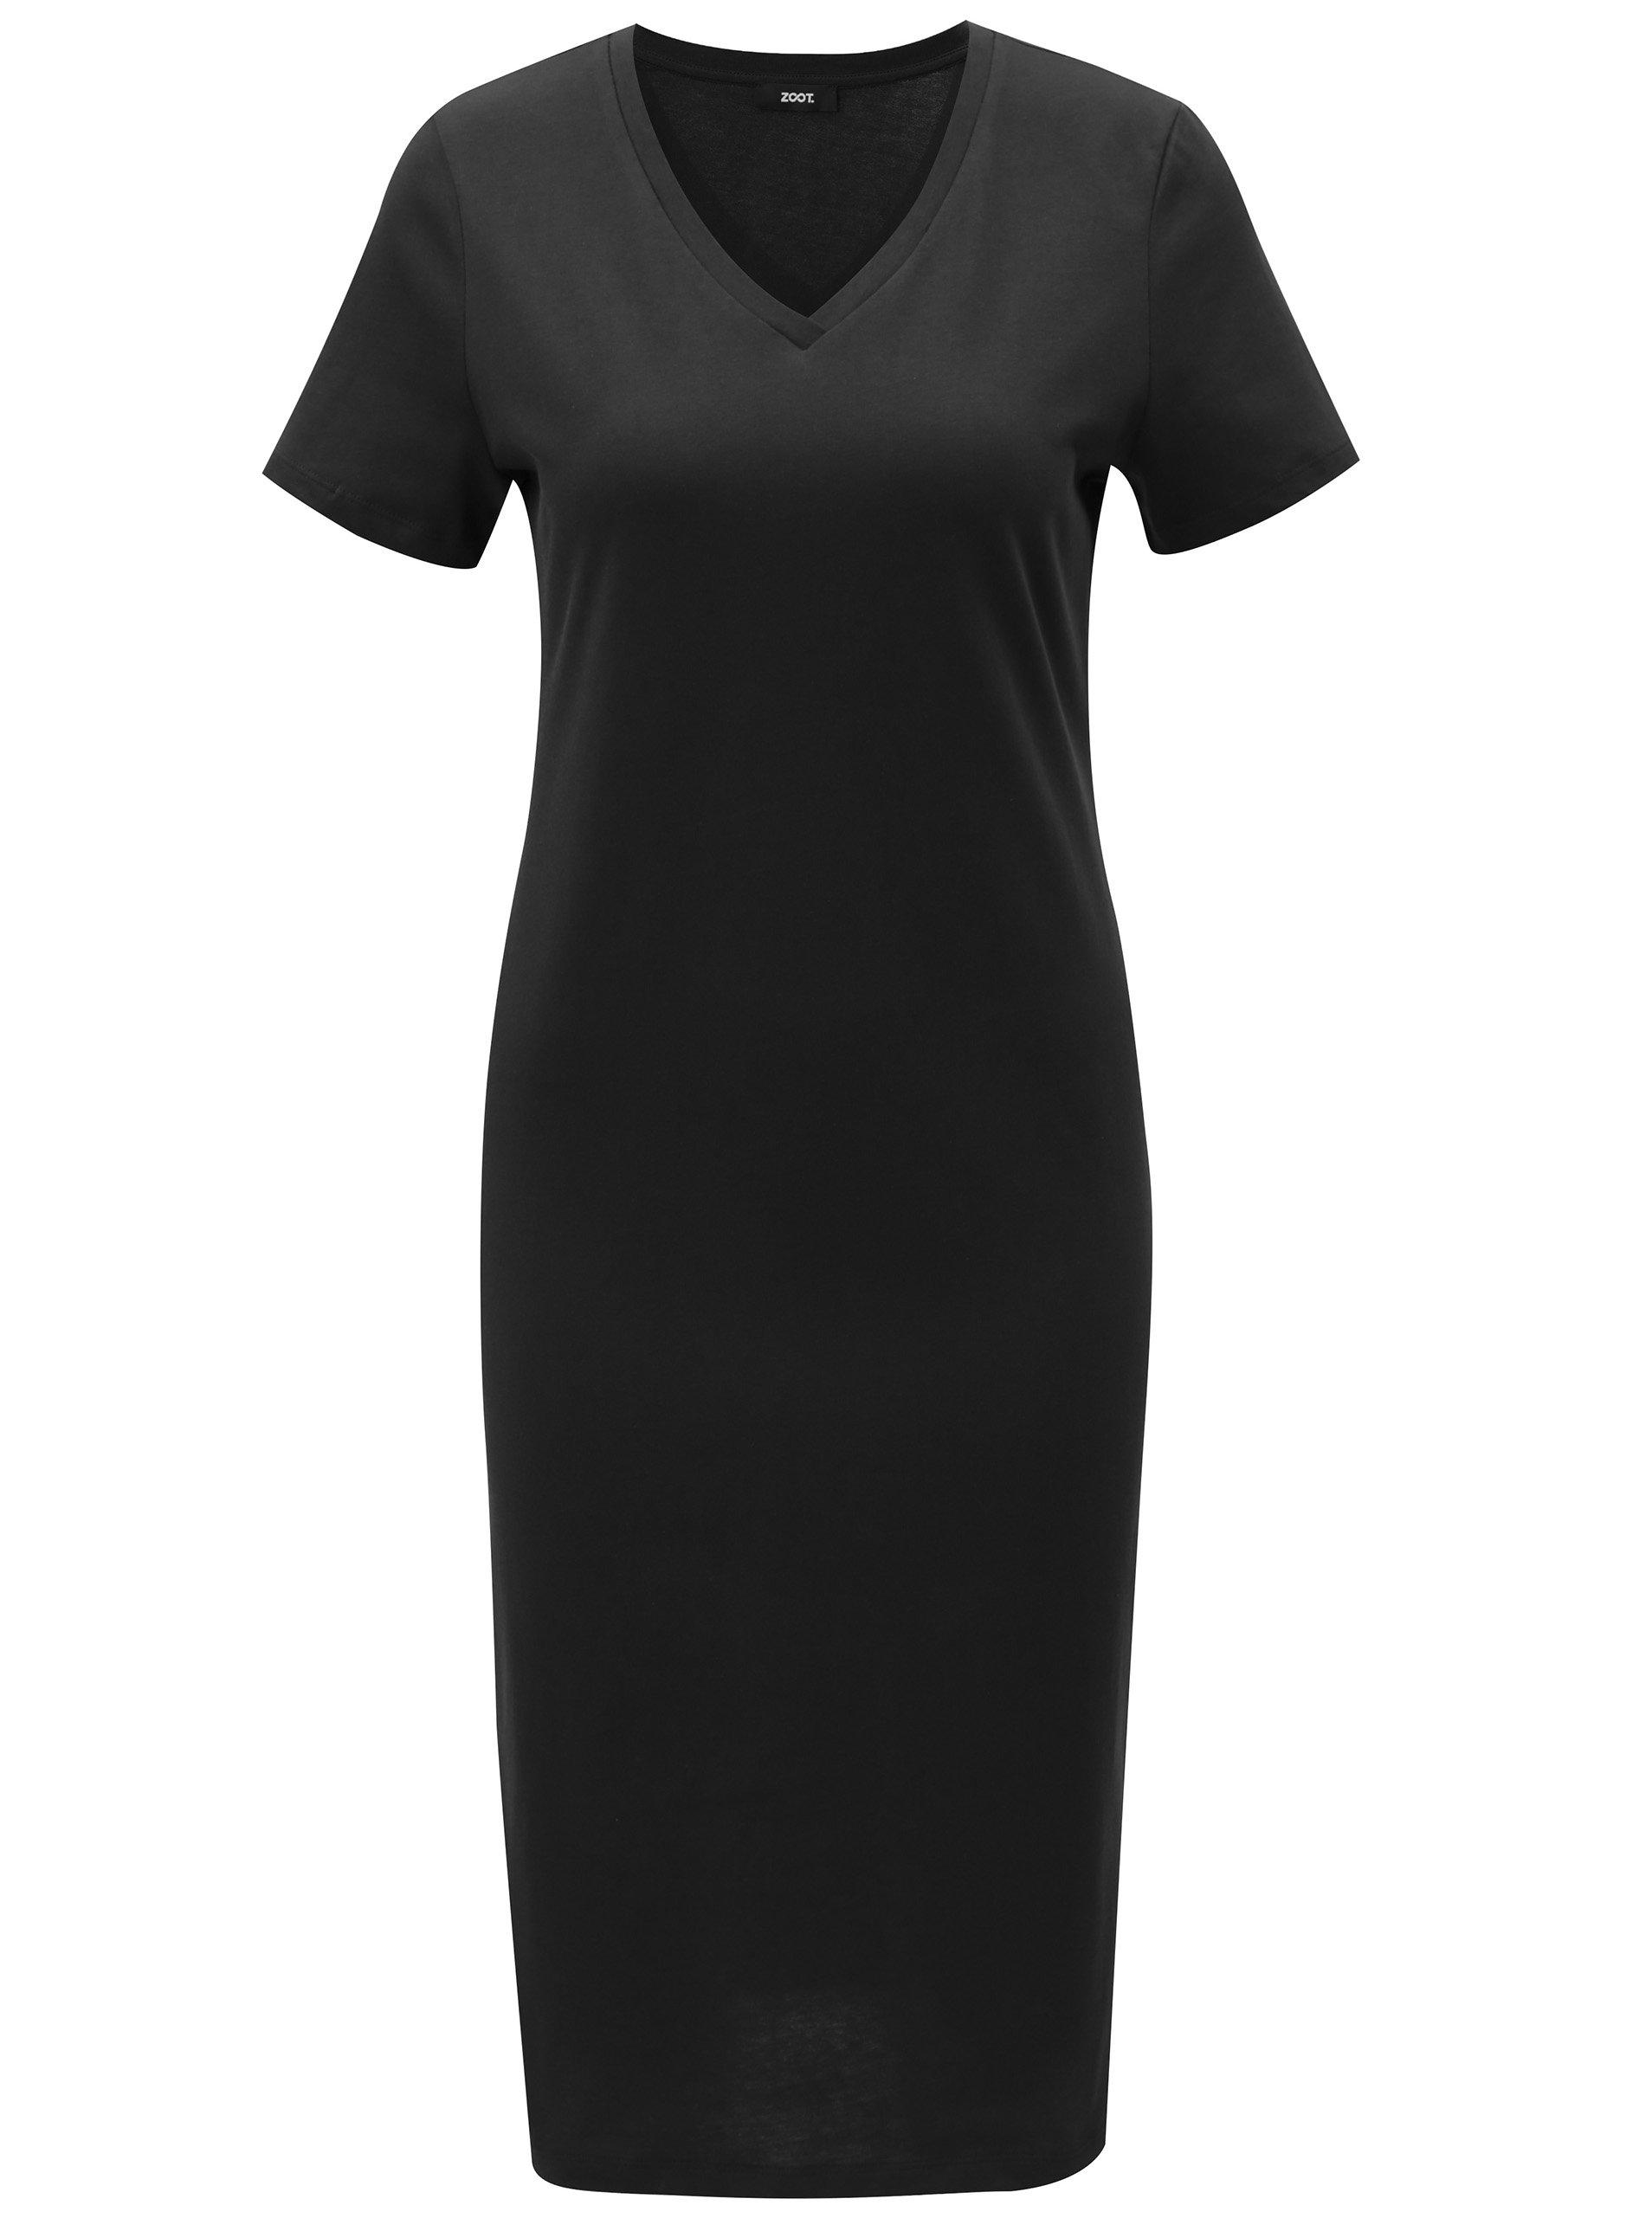 19fe56c3c601 Čierne šaty s krátkym rukávom ZOOT